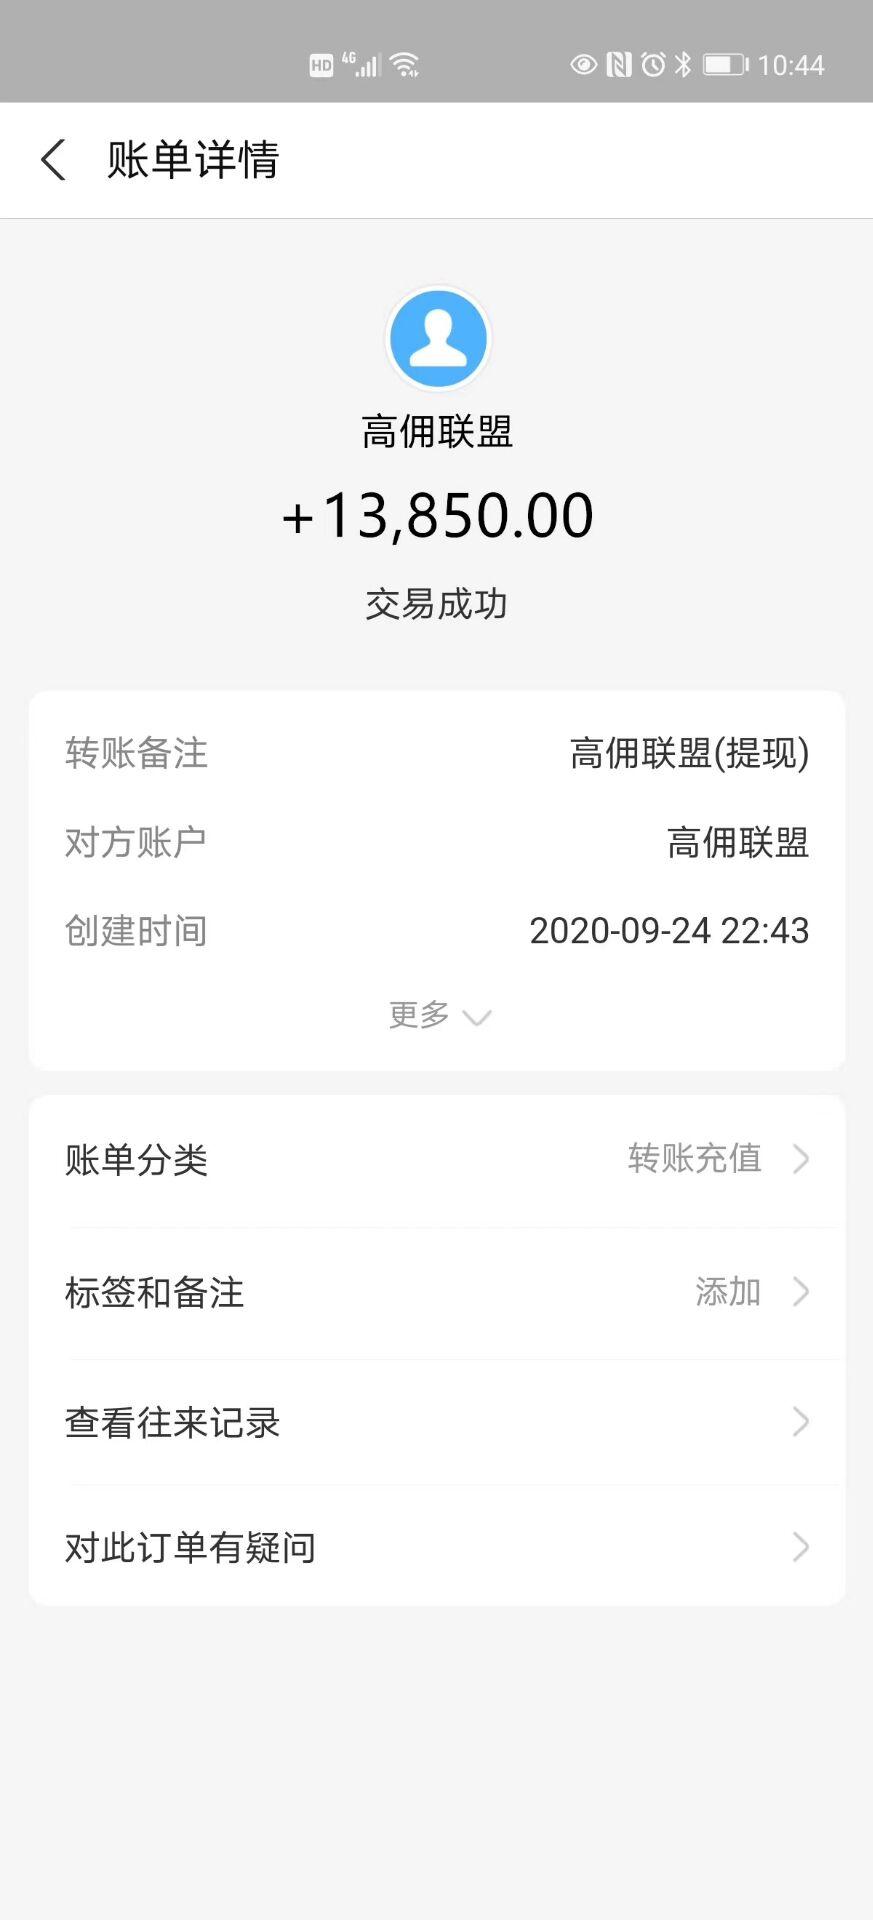 高佣联盟提现了,今天到账13850元了